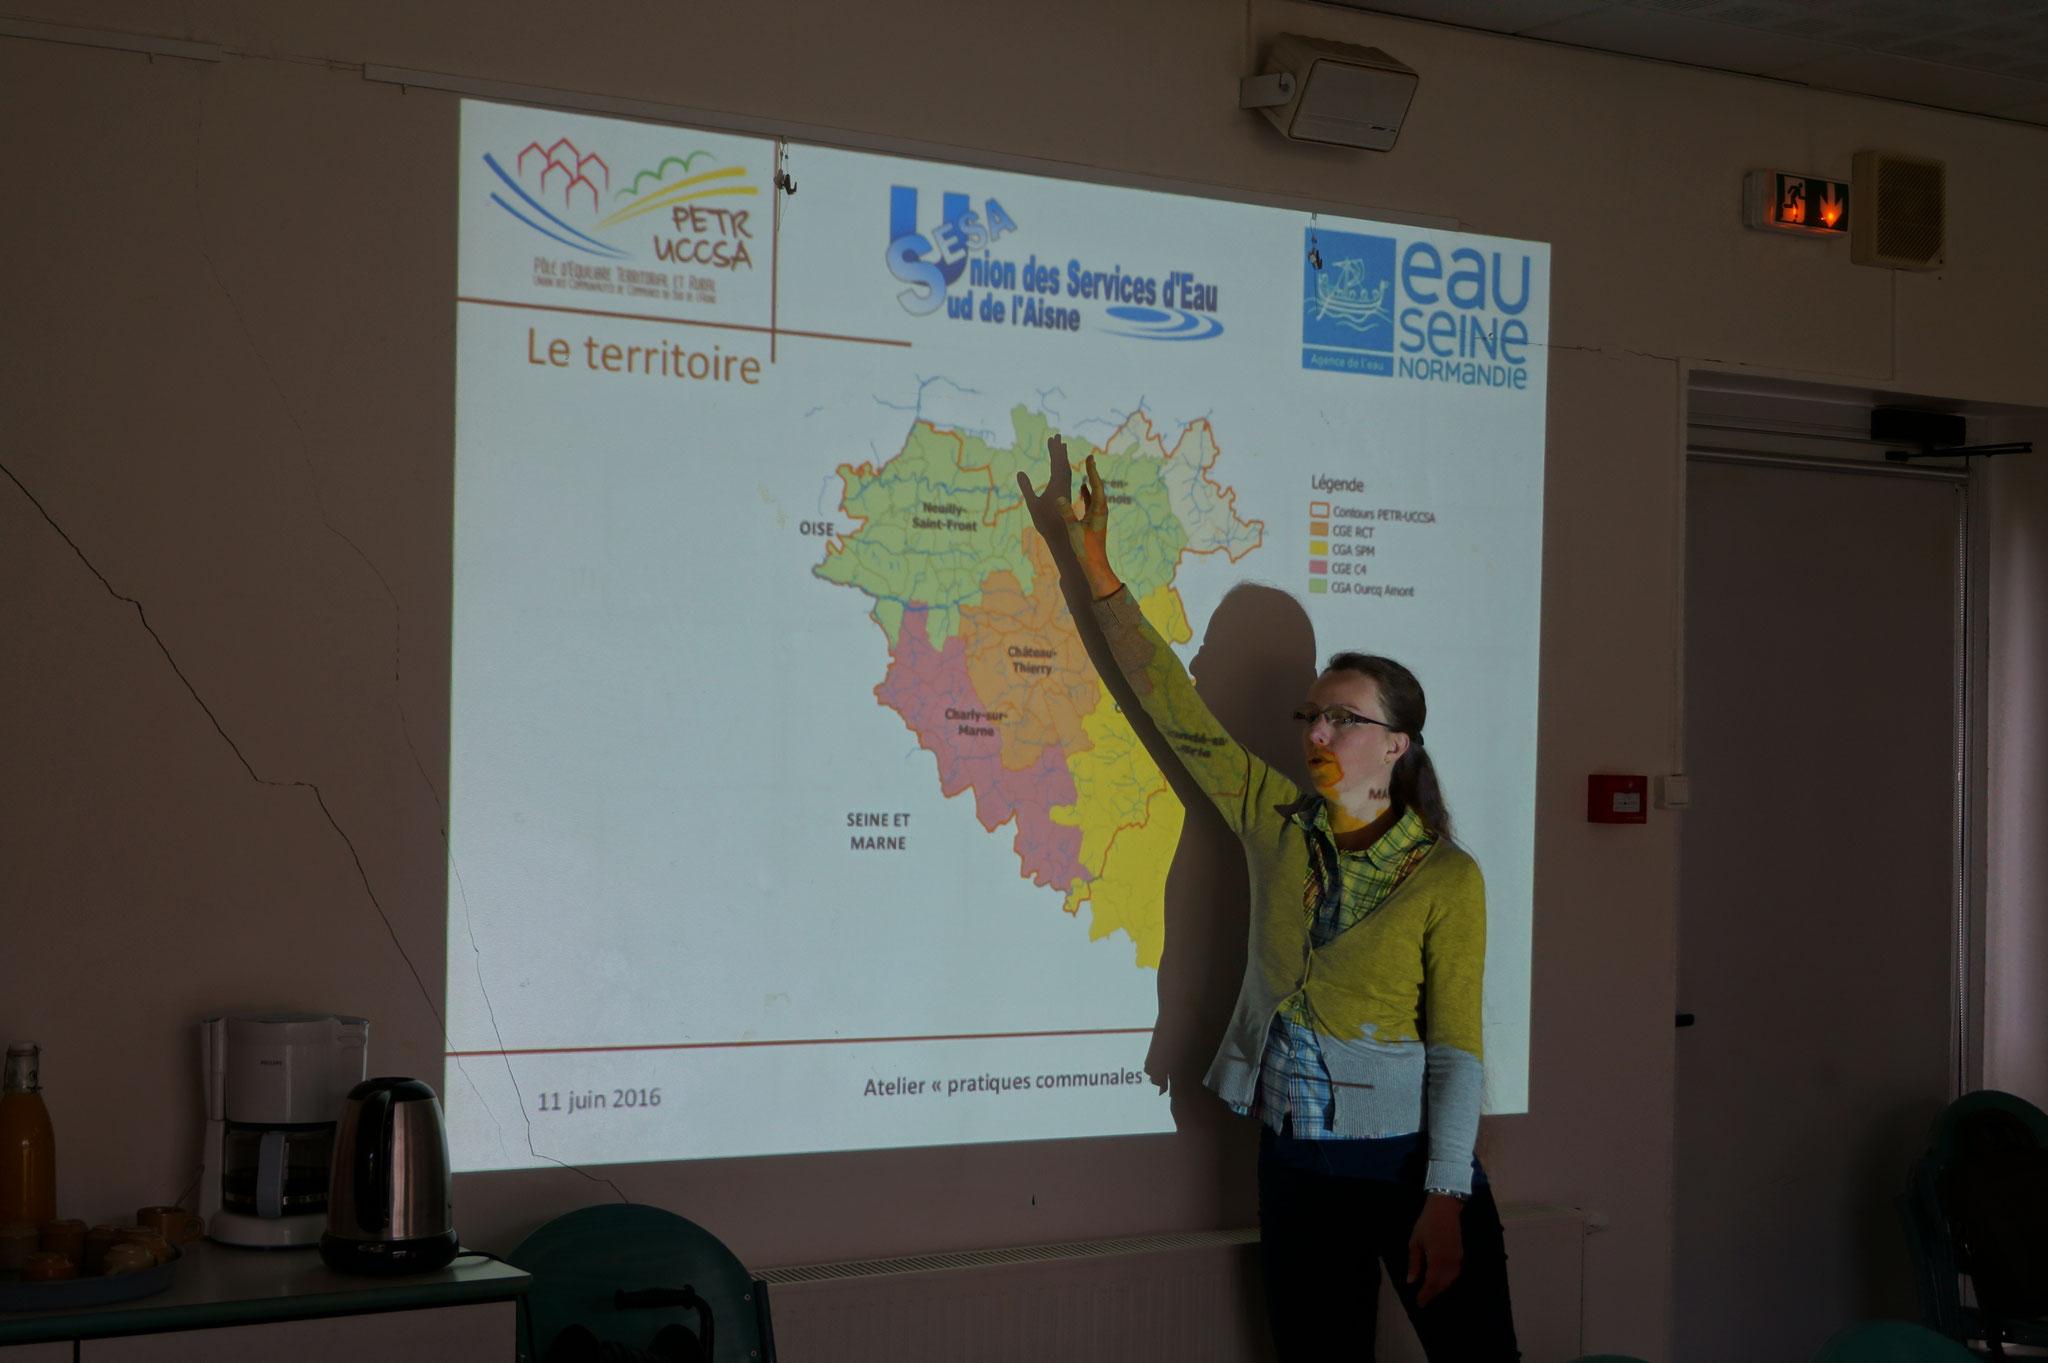 """Laetitia Morel, Chargée de mission """"Gestion durable des espaces publics"""" au PETR-UCCSA."""